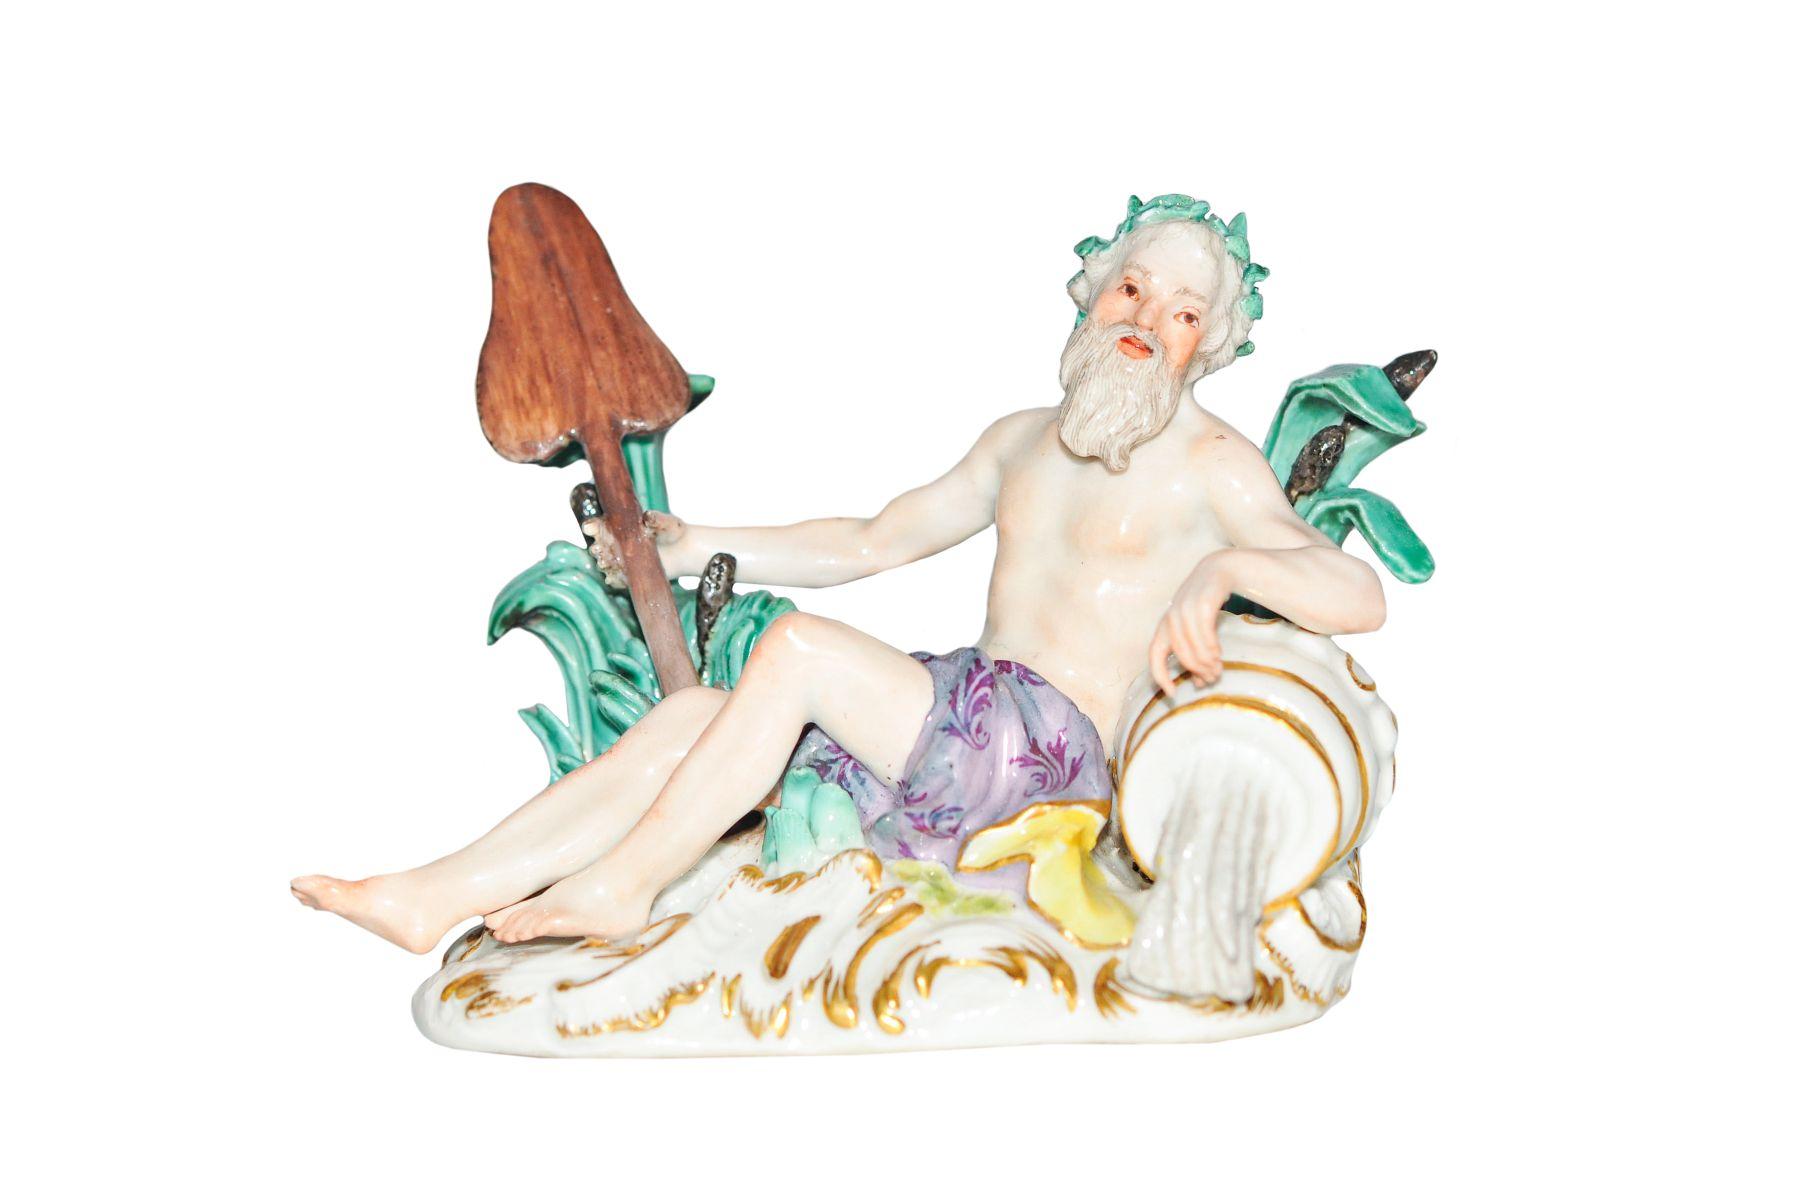 #147 Small figure river god Meissen 1750 | Kleine Figur Flussgott Meissen 1750 Image